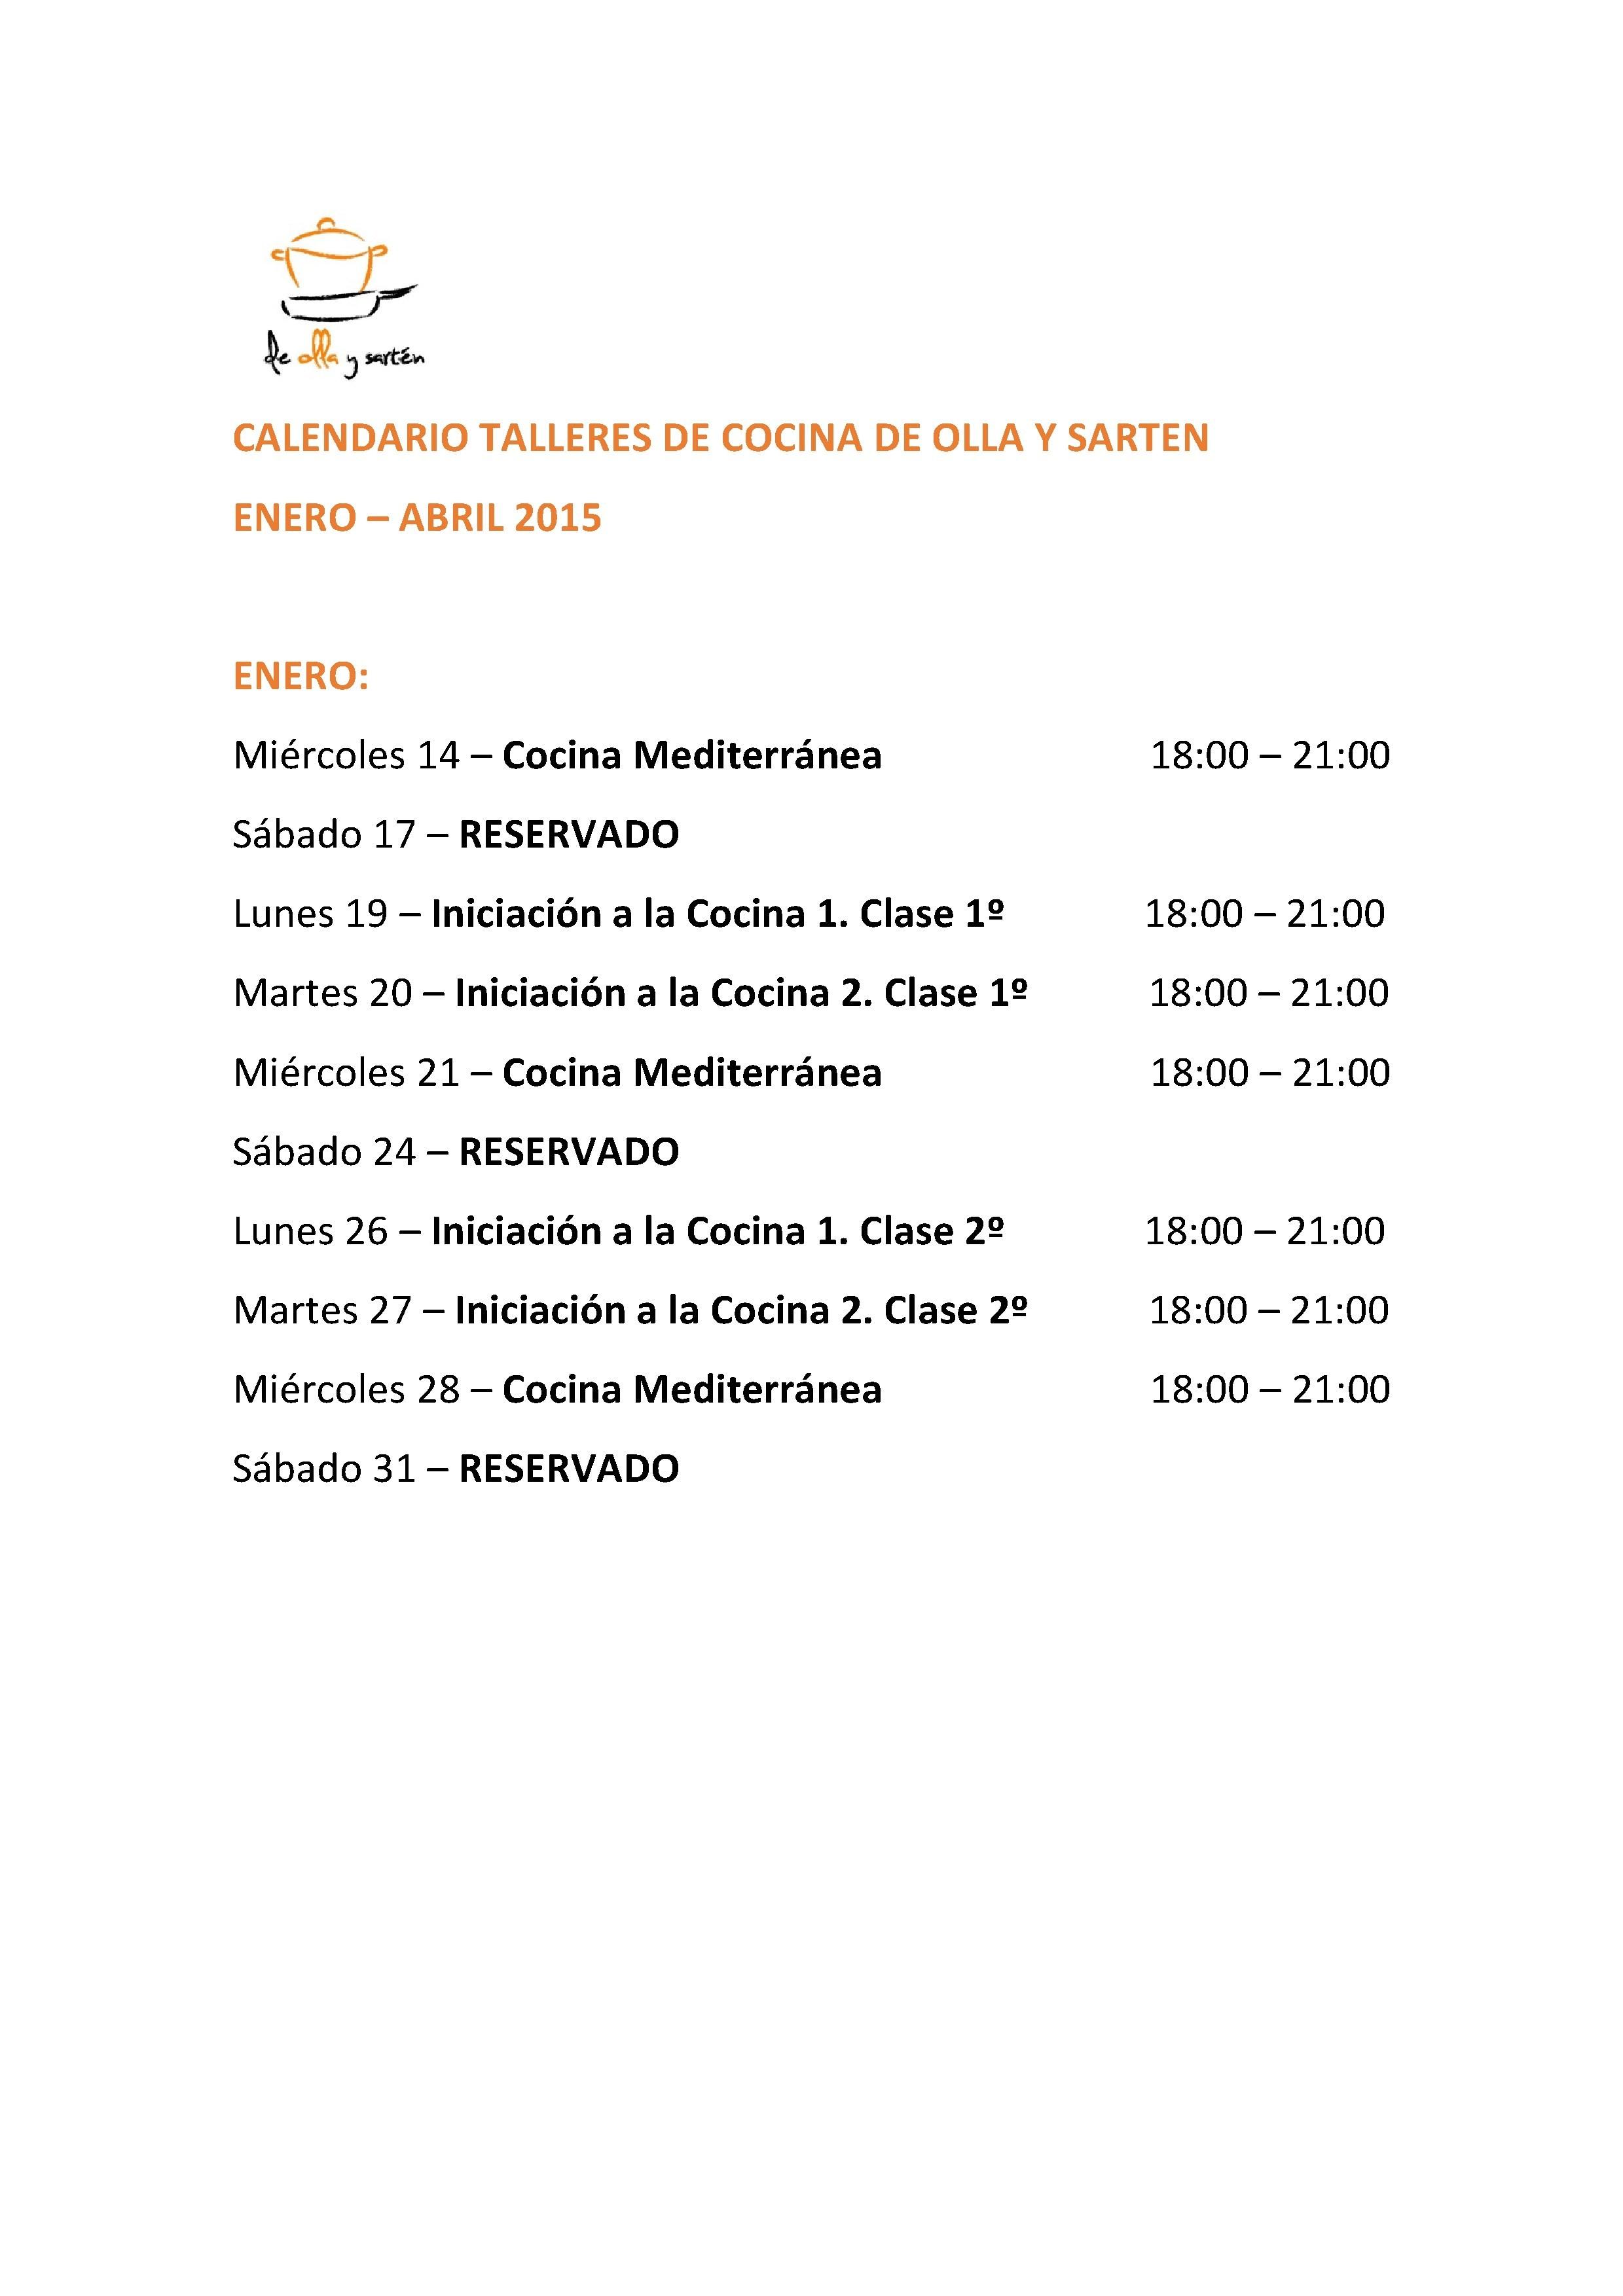 Calendario De Cursos Y Talleres Enero Abril 2015 Escuela De